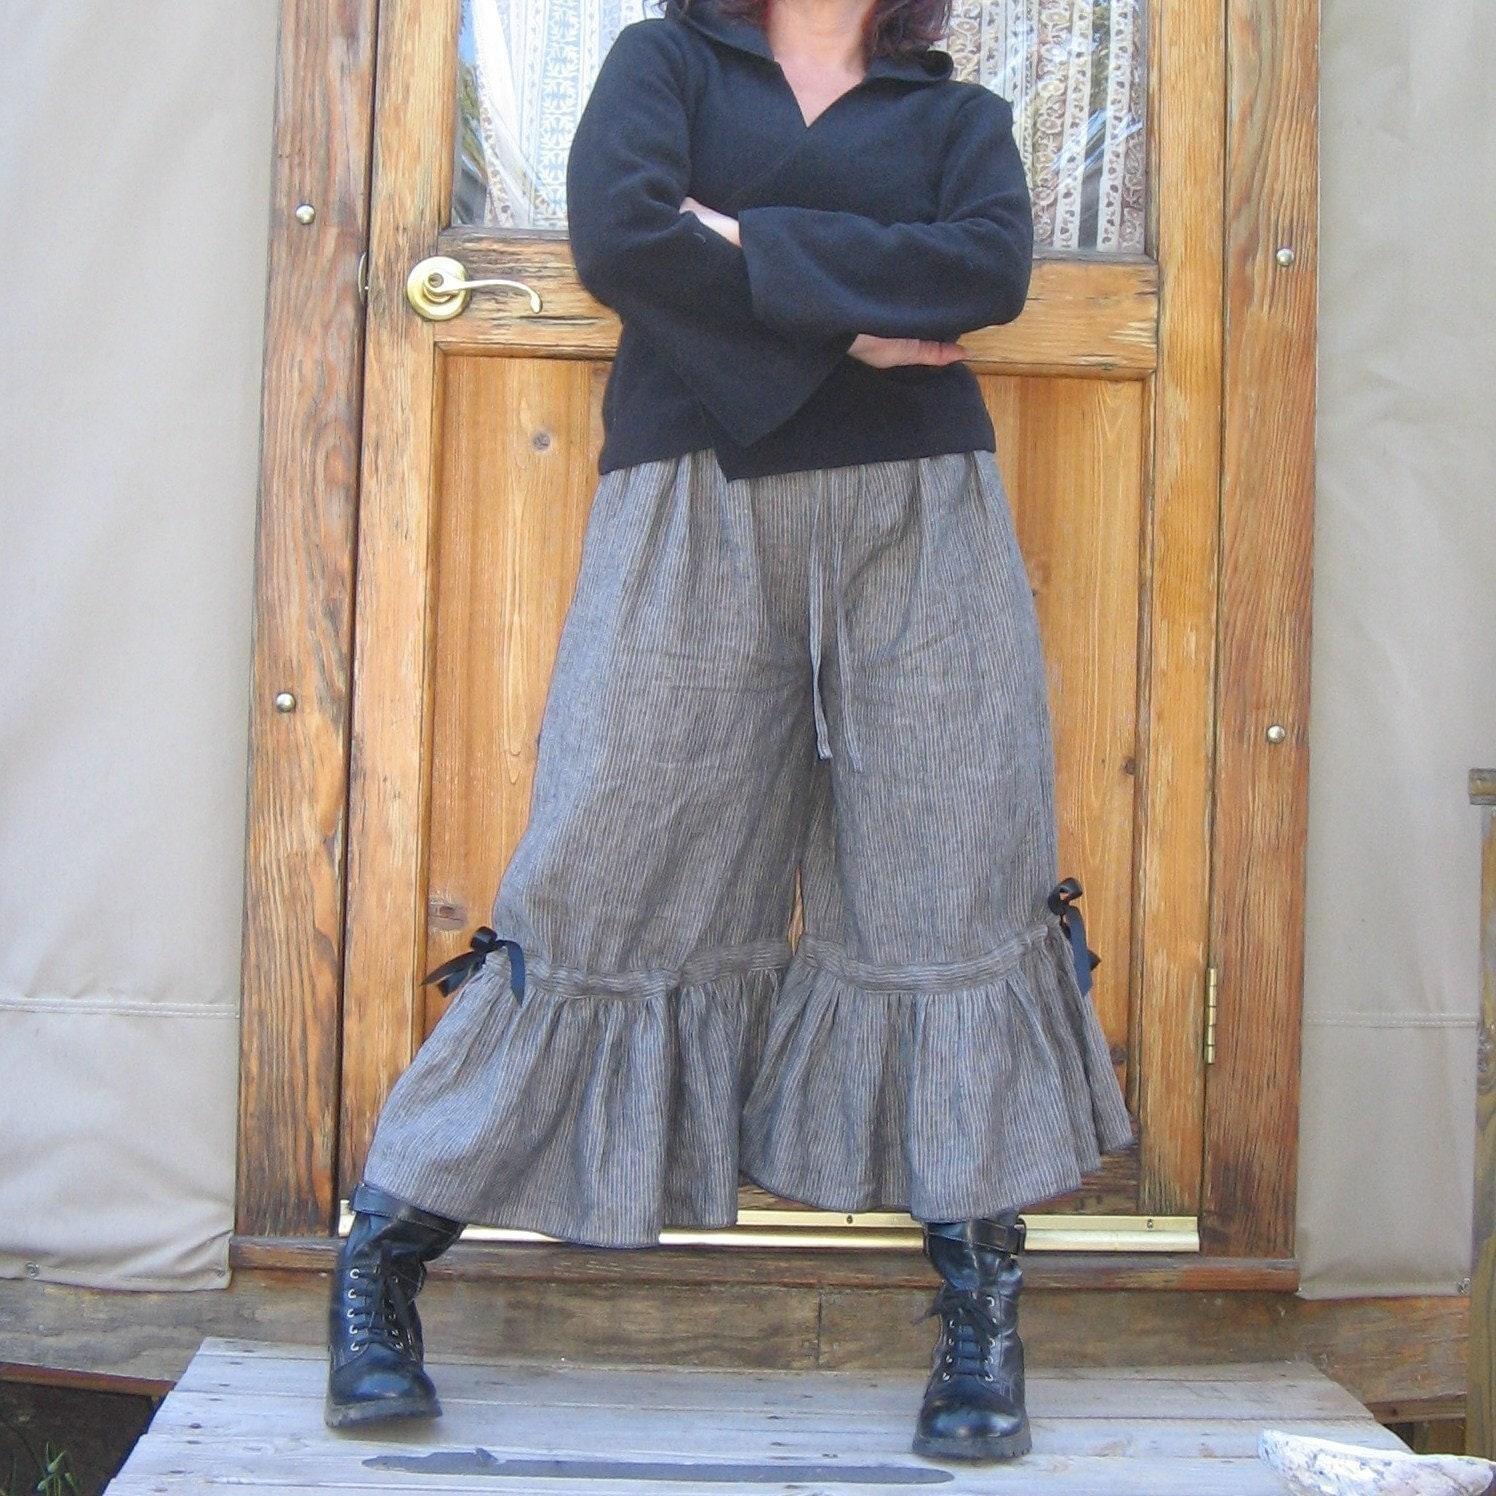 زنان Bloomers Steampunk سیاه راهراههای باریک روی پارچه کتانی رایگان به اندازه 16 و 18-20